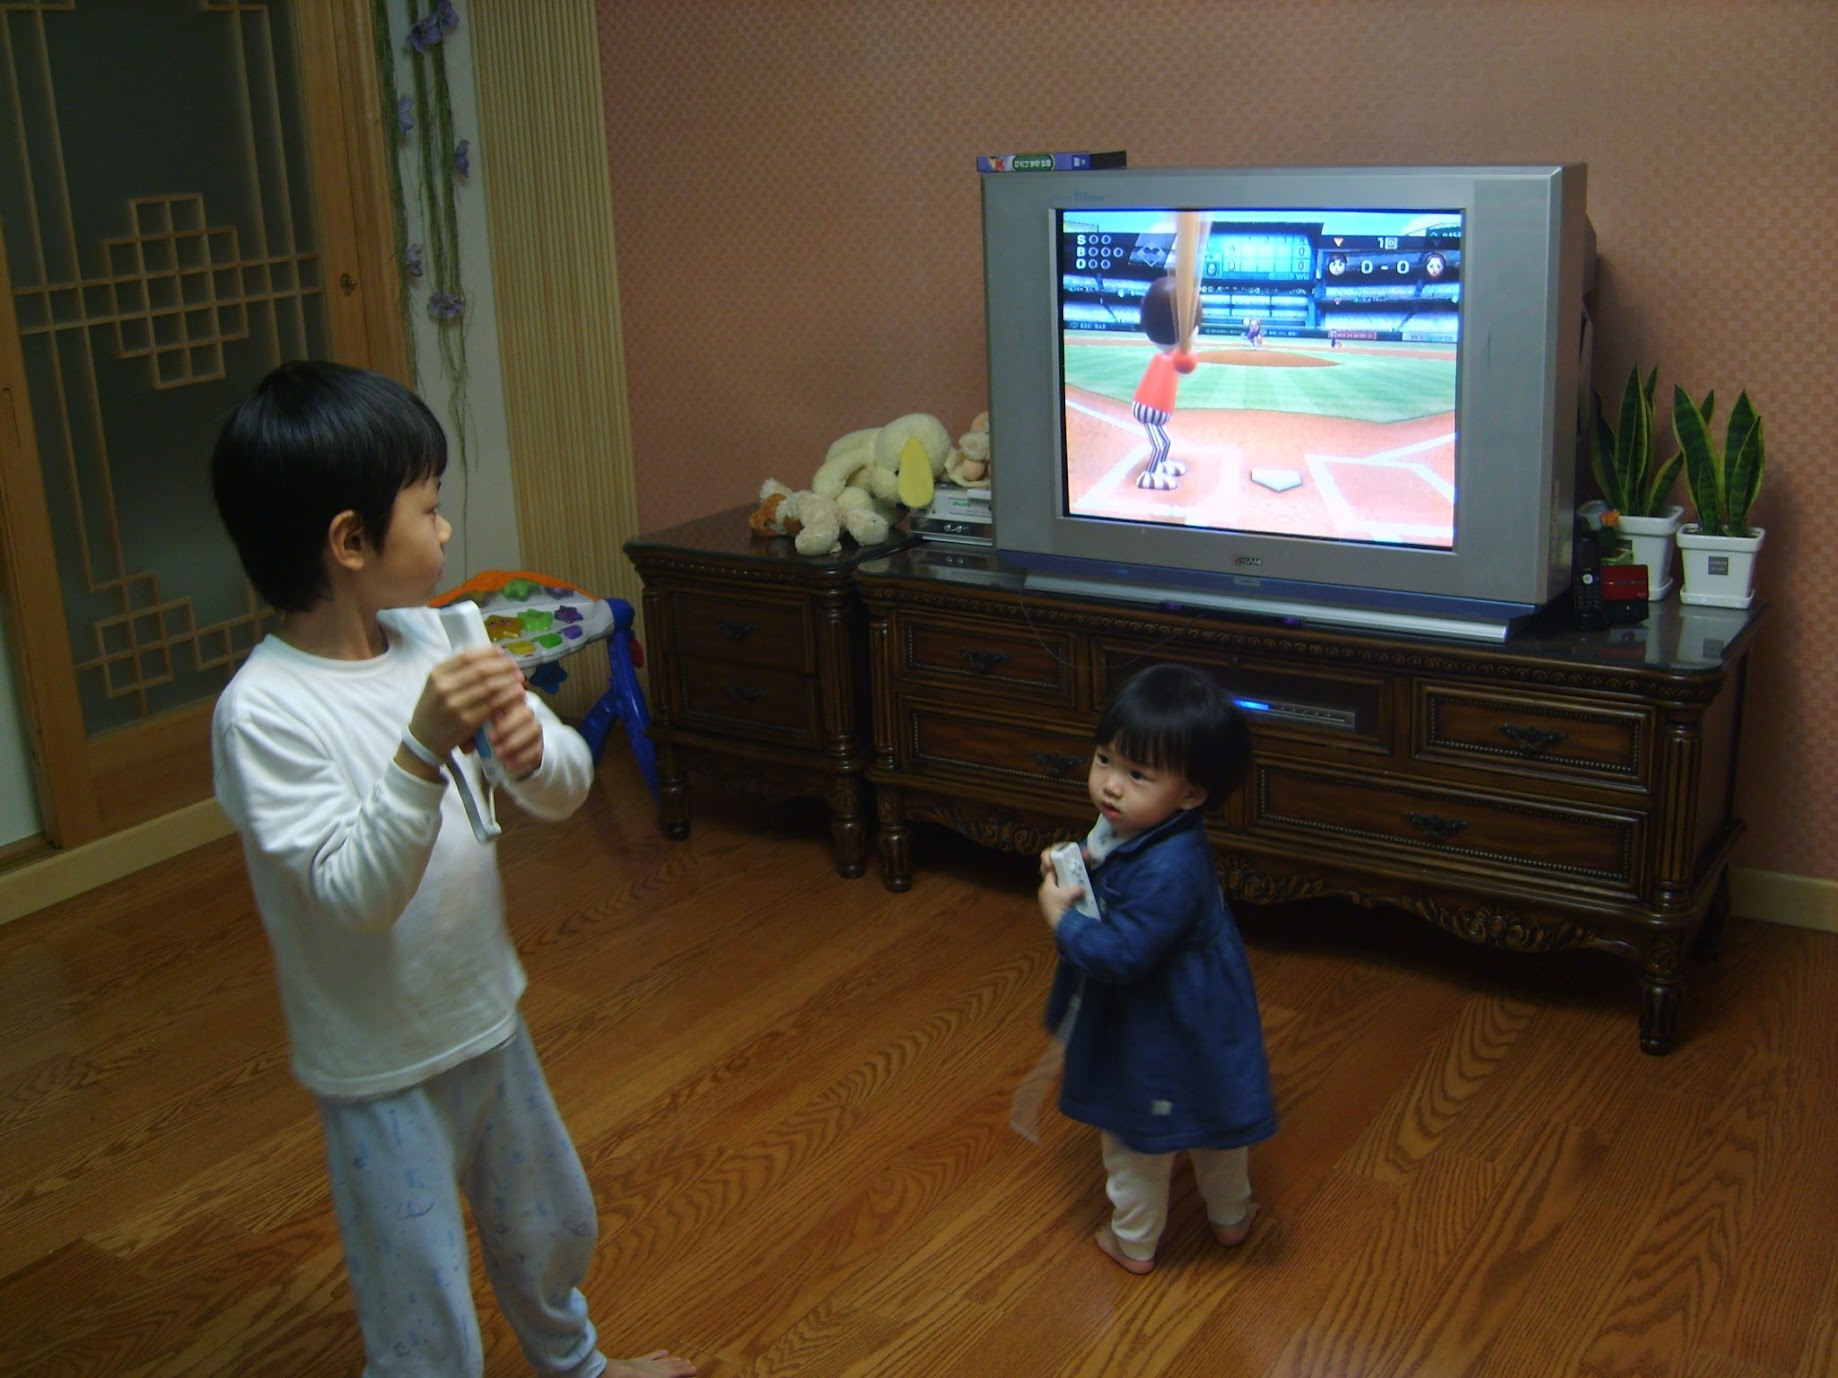 닌텐도 Wii 스포츠